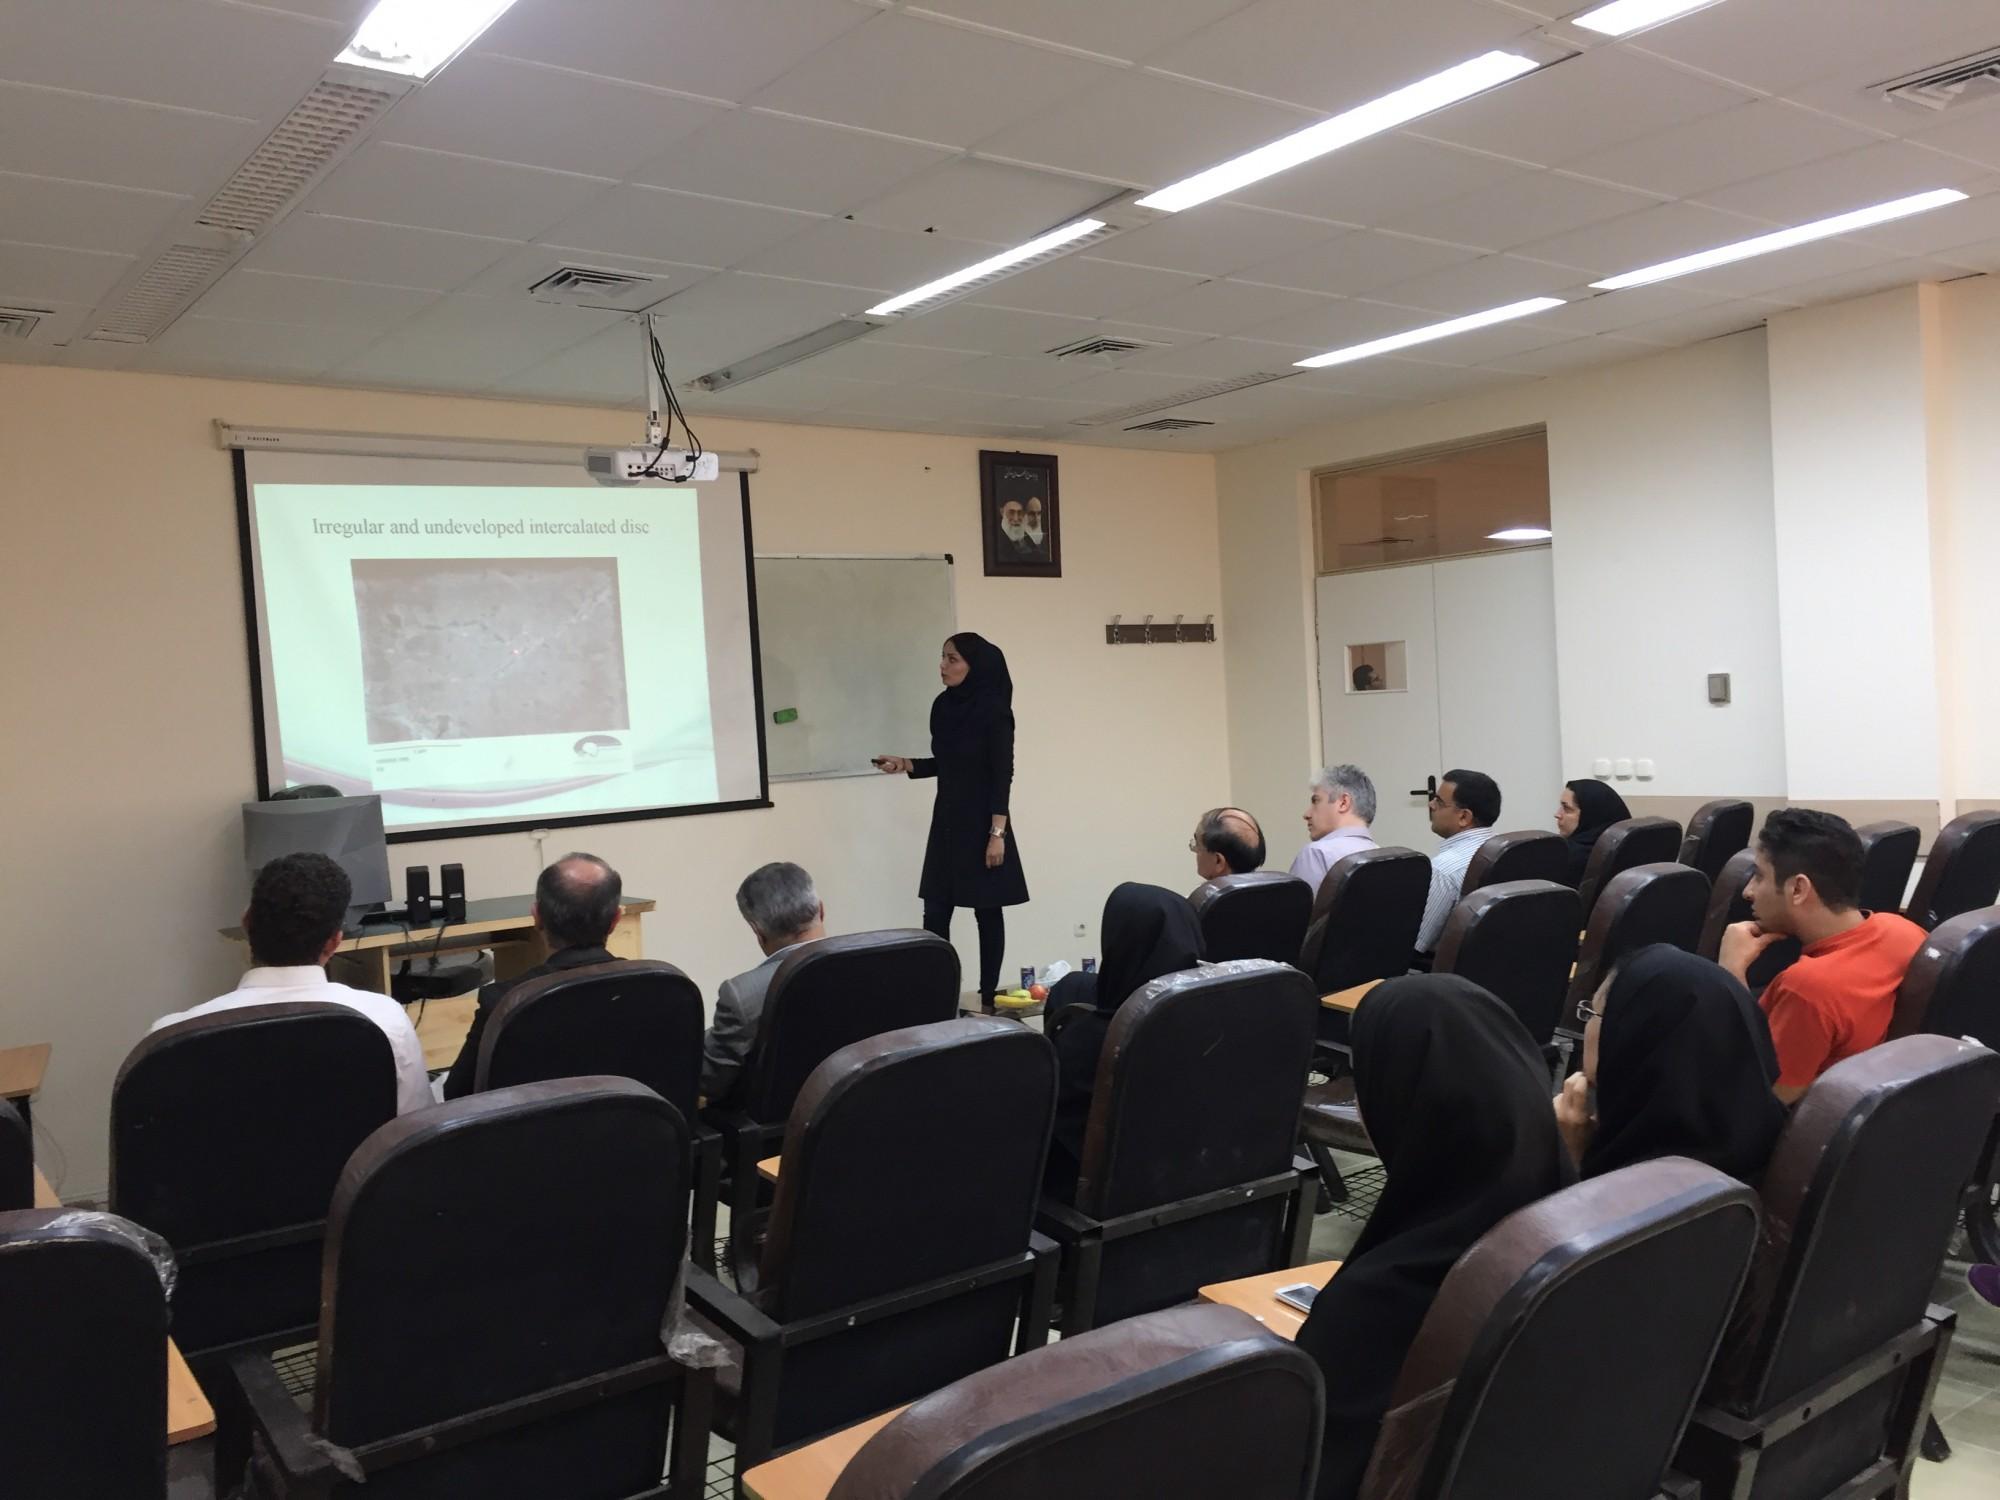 برگزاری جلسه دفاع پایان نامه دانشجویان دانشگاه تهران با یک شرط جدید